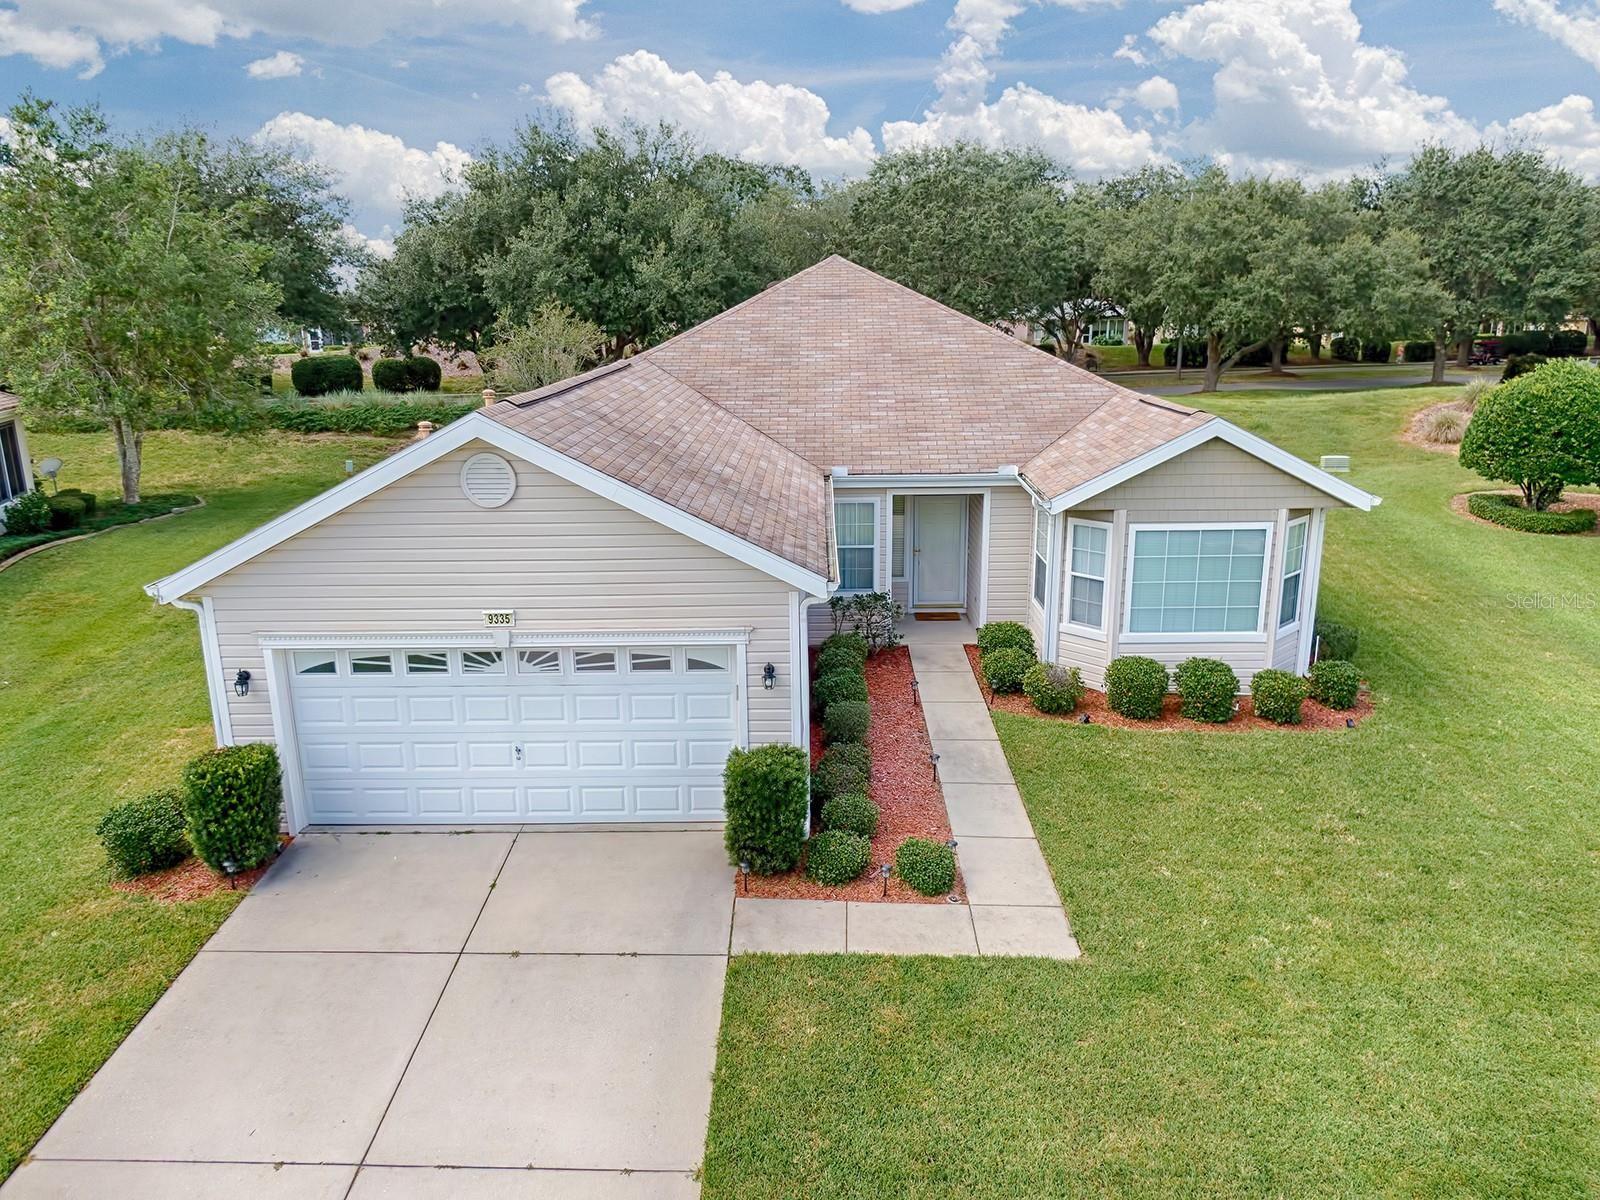 9335 SE 132ND PLACE, Summerfield, FL 34491 - MLS#: G5043885